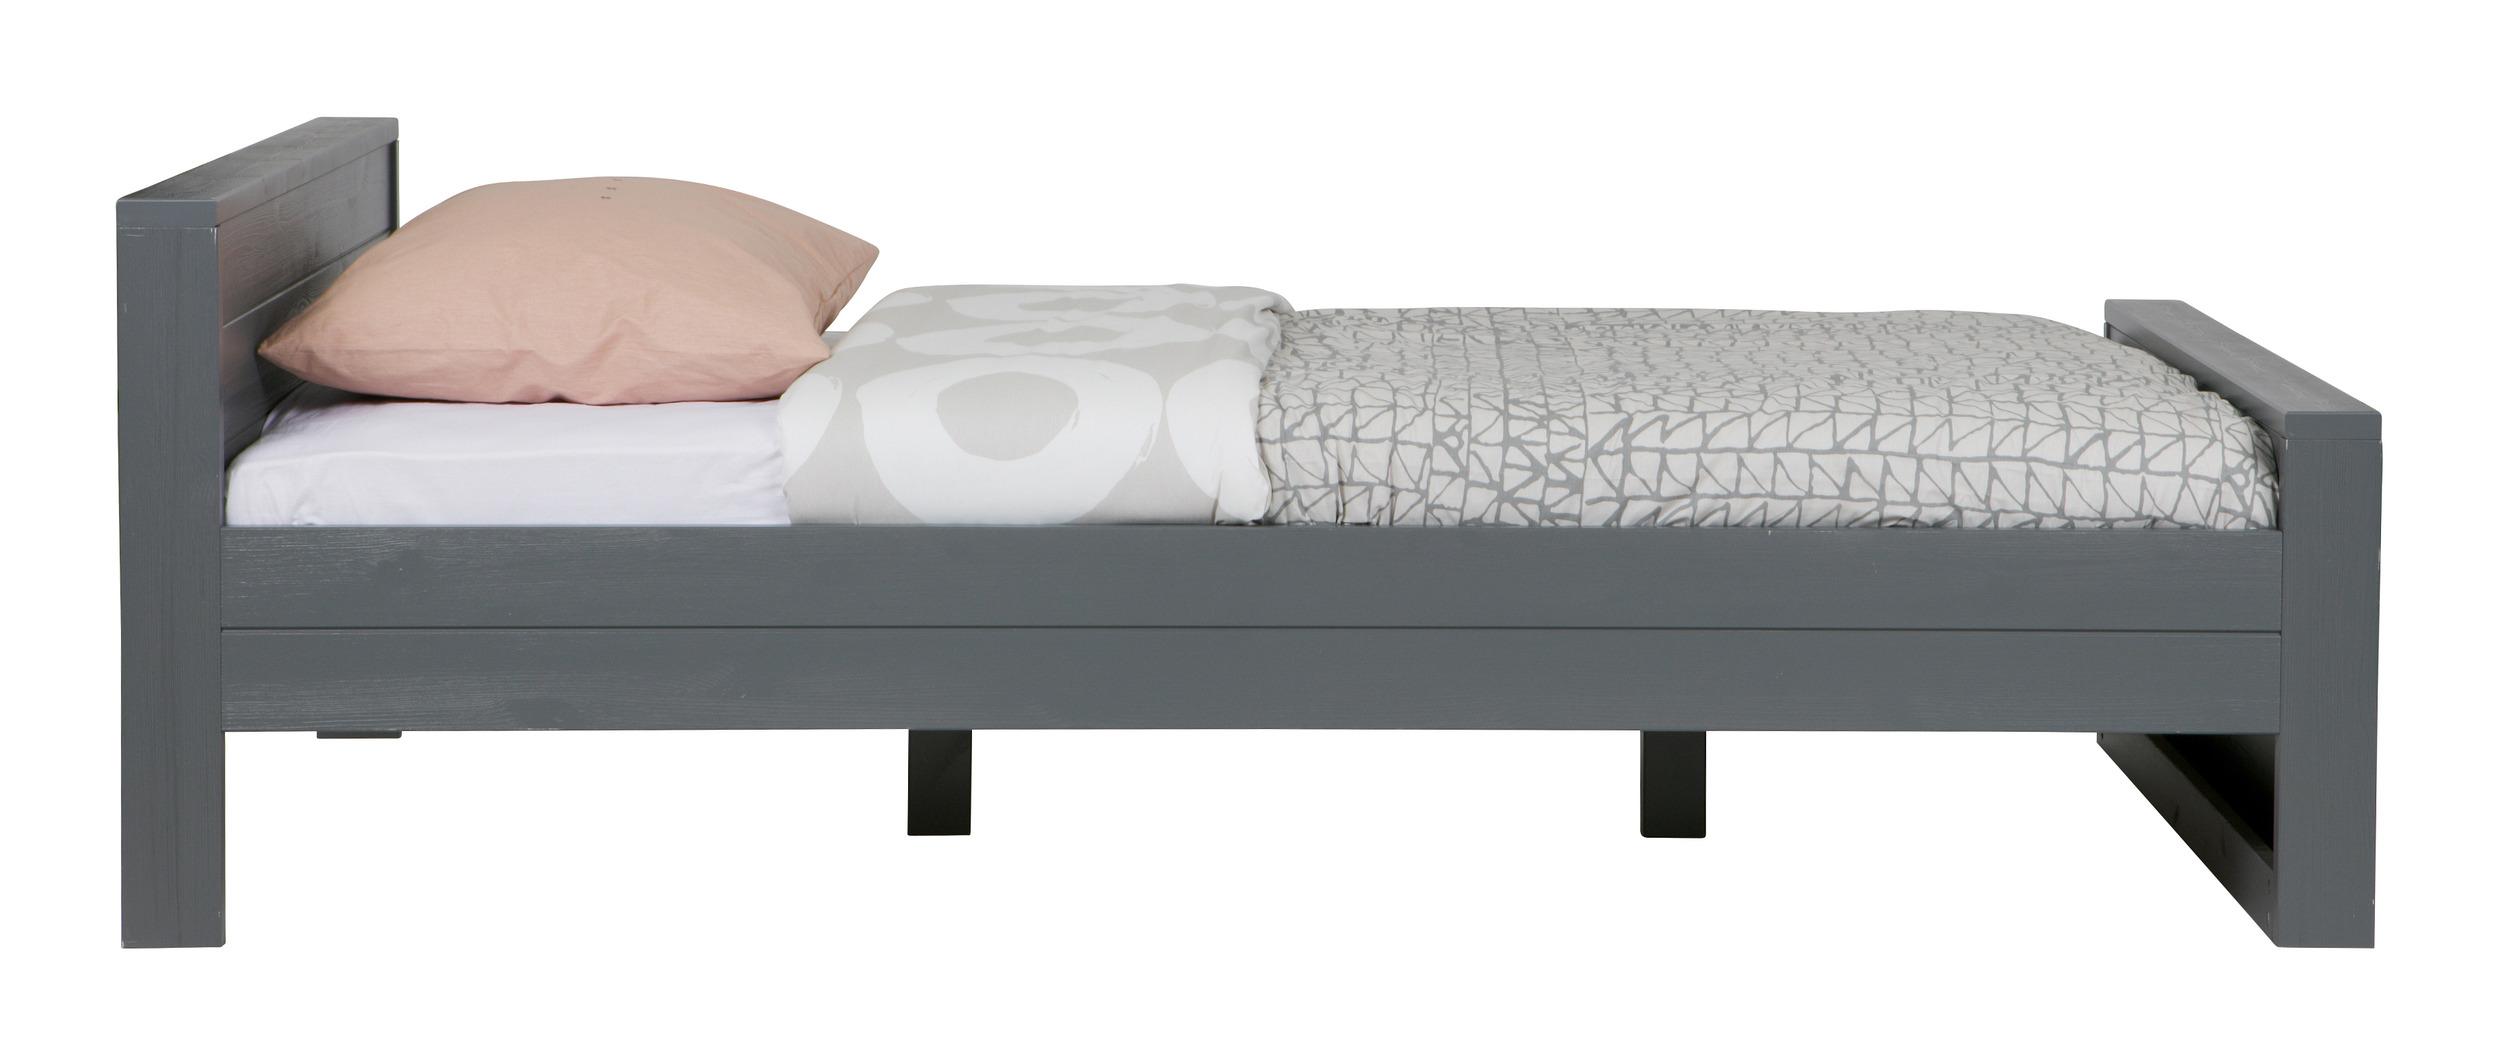 120 Bed Kopen.Woood Bed Dennis 120 X 200cm Kleur Steel Grey Root Catalog